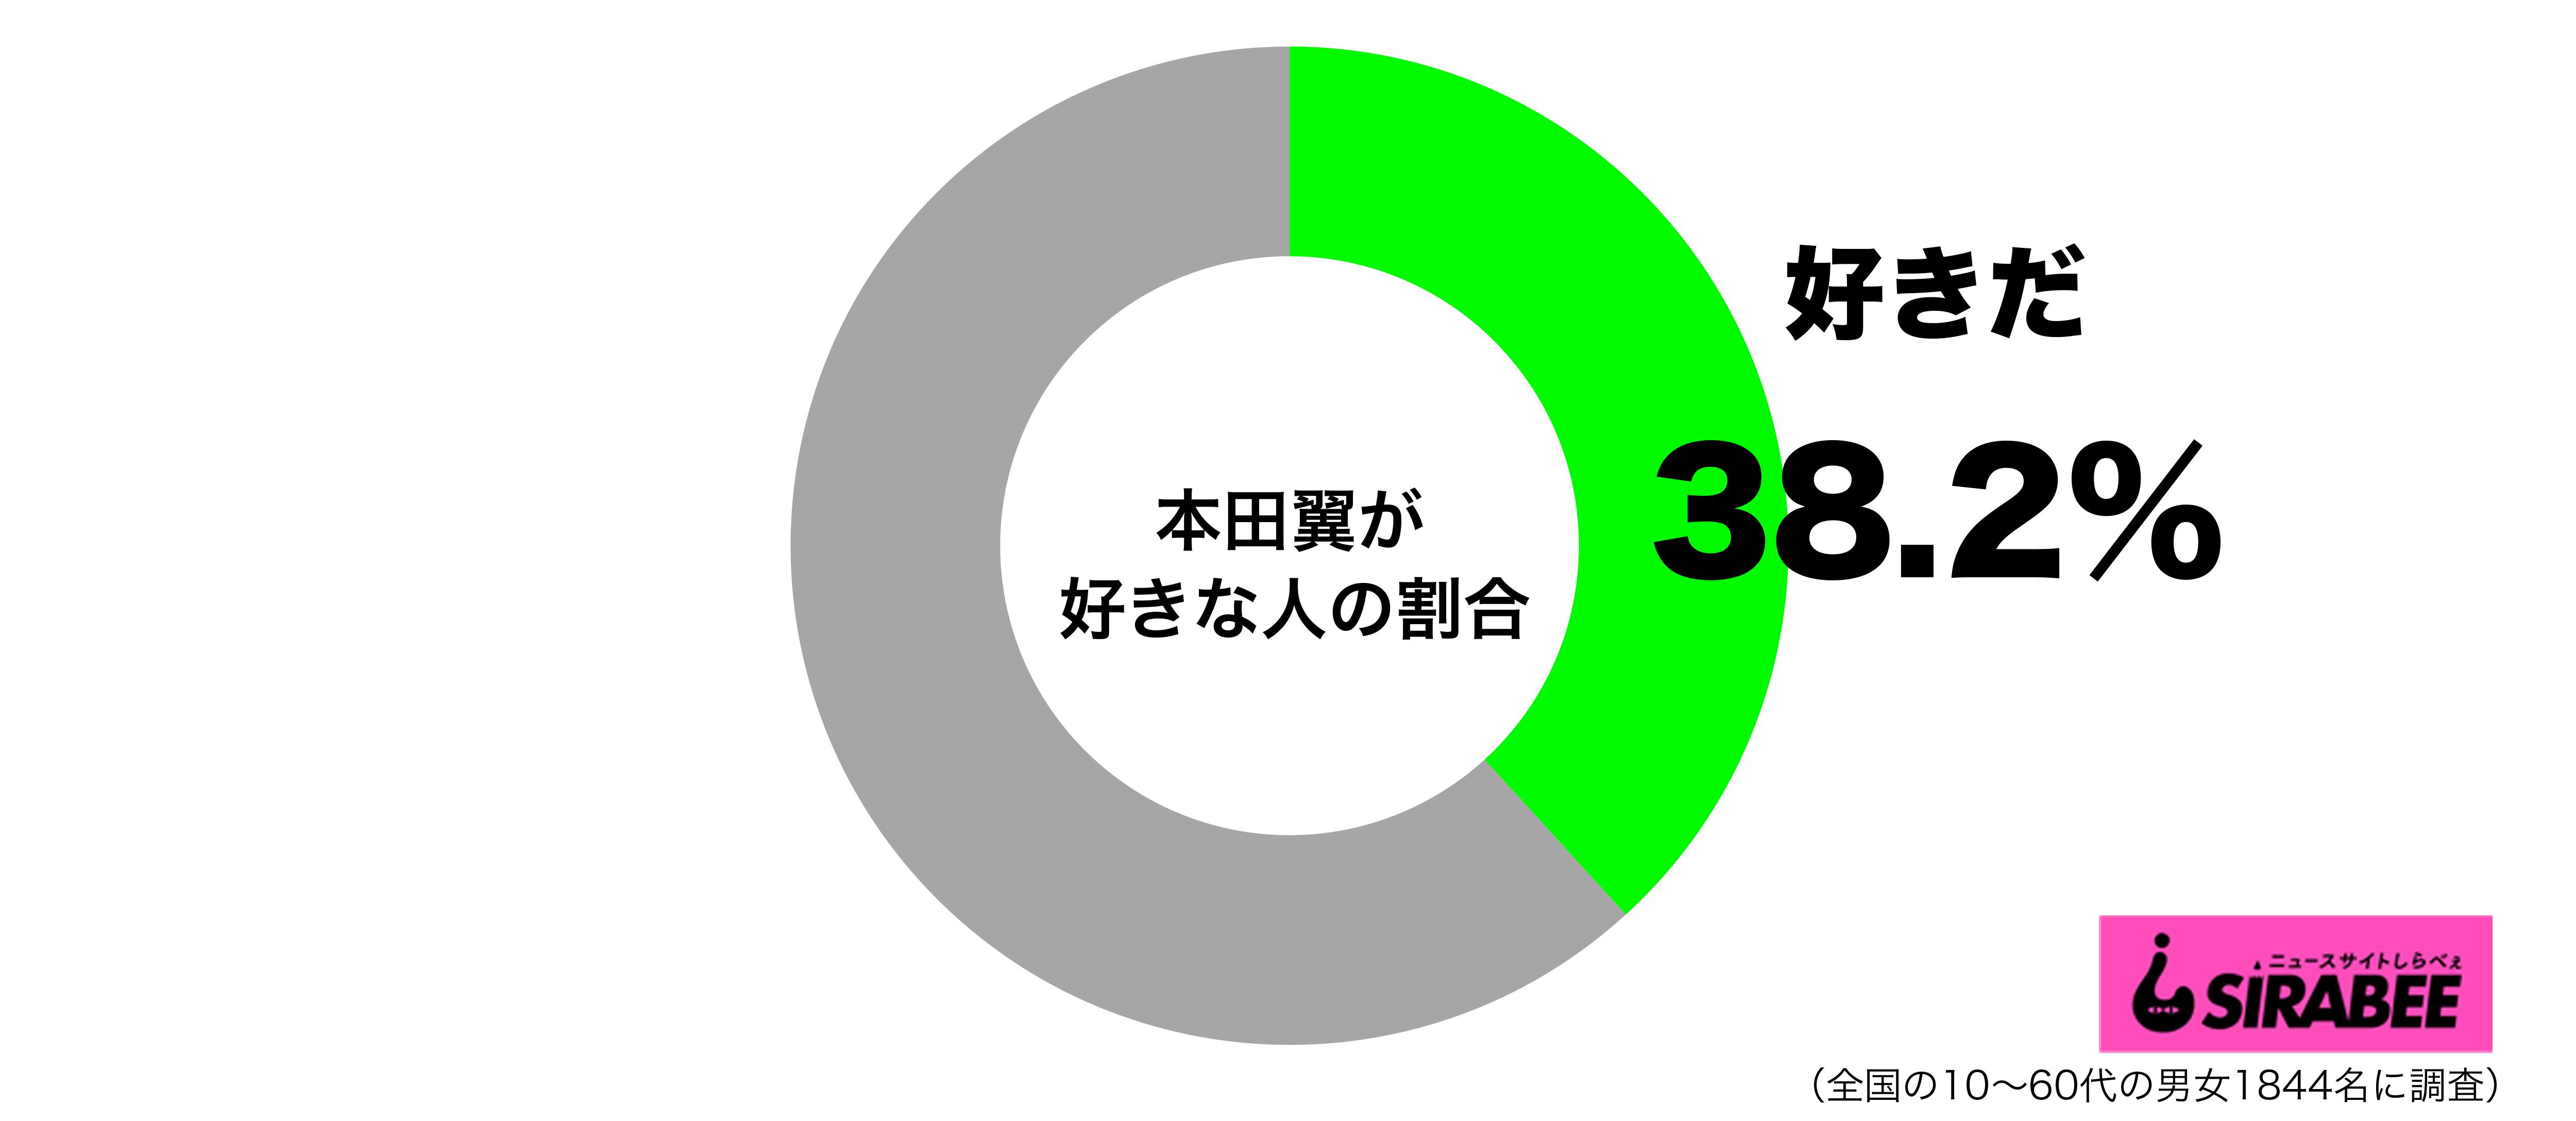 本田翼が好きグラフ